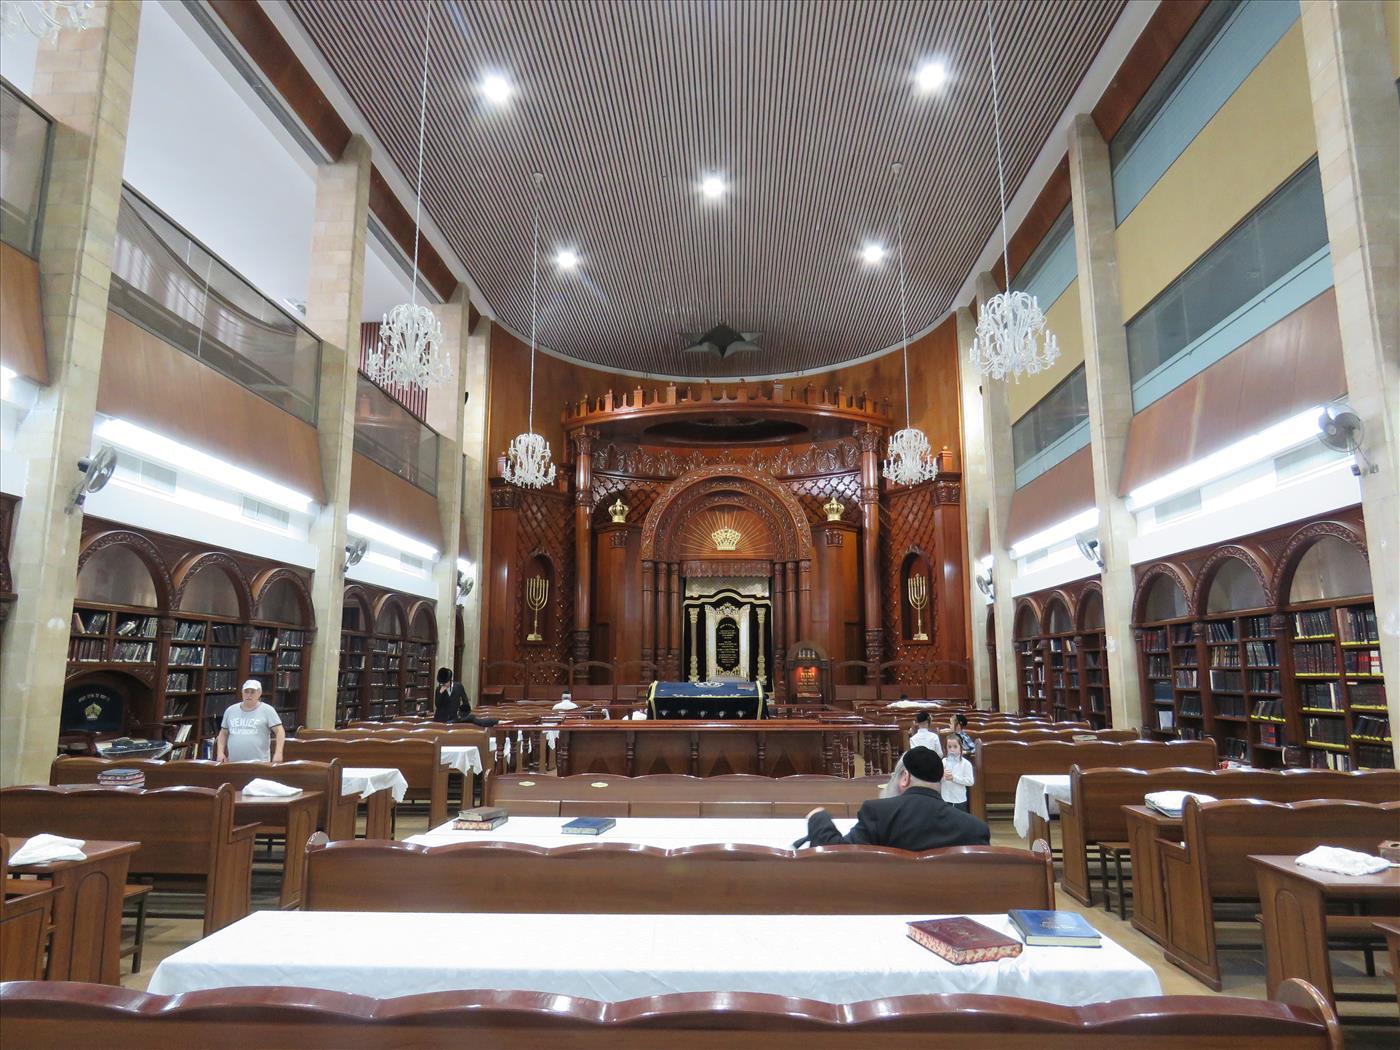 תמונות: סיורי יהודי בחיפה